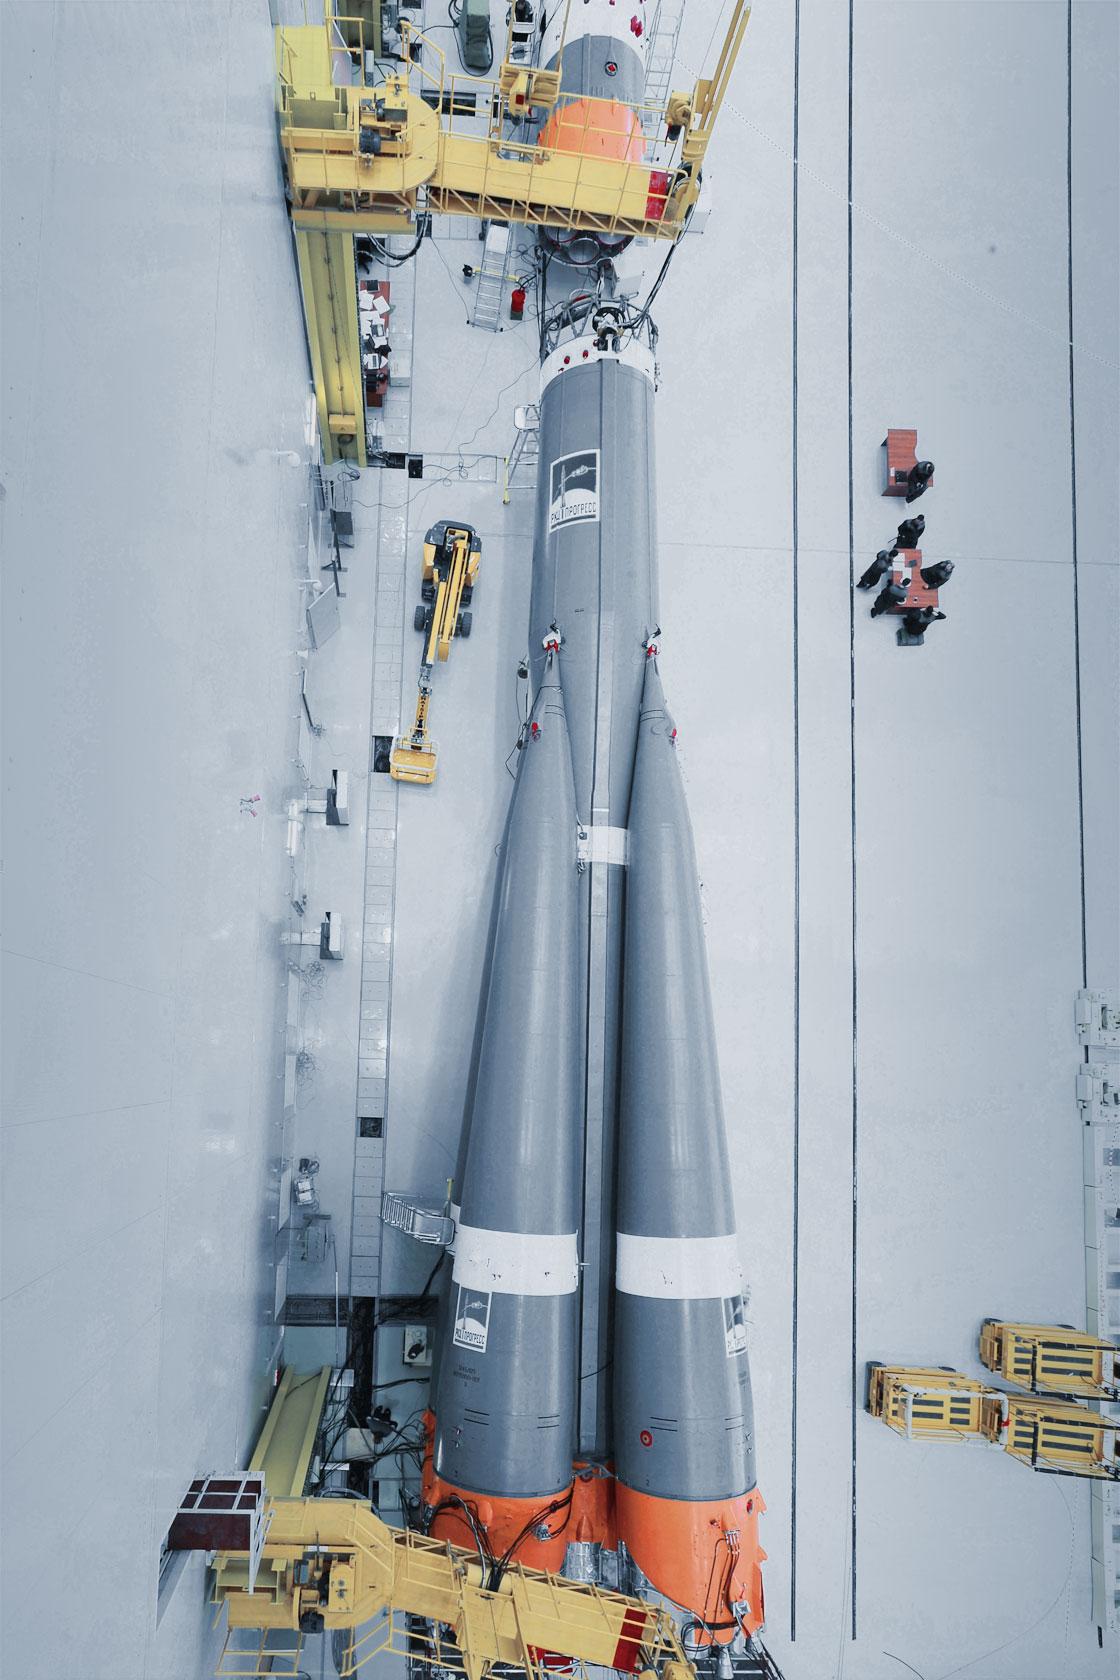 Vostoçnıy uzay üssünden ilk roket fırlatıldı 43